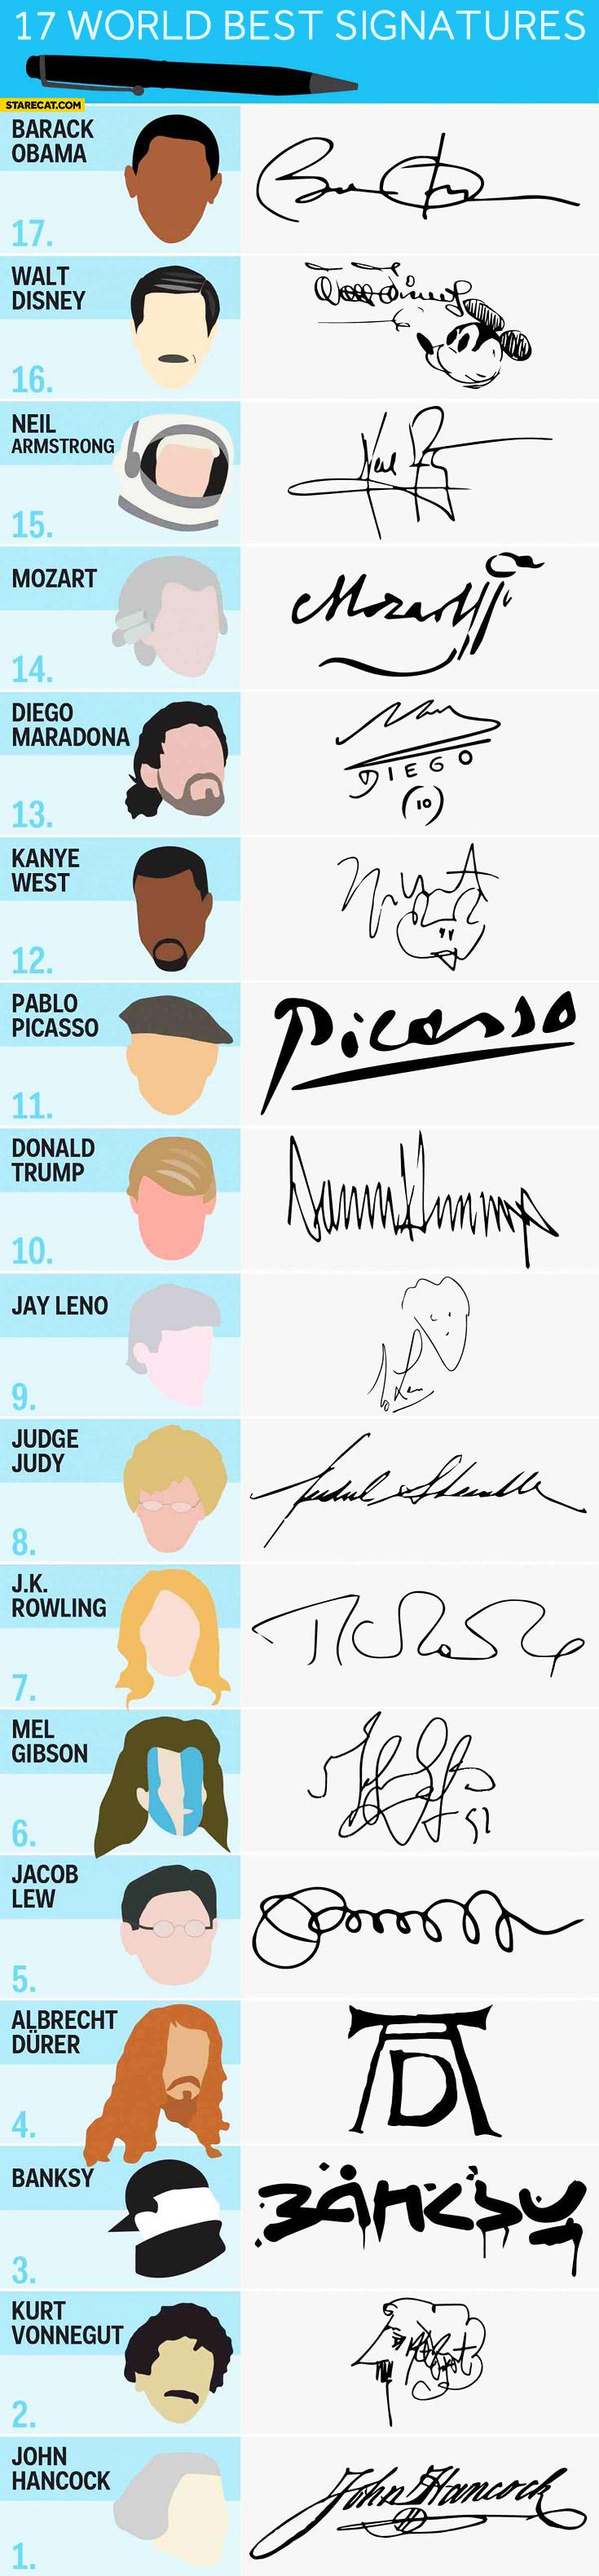 17 world best signatures